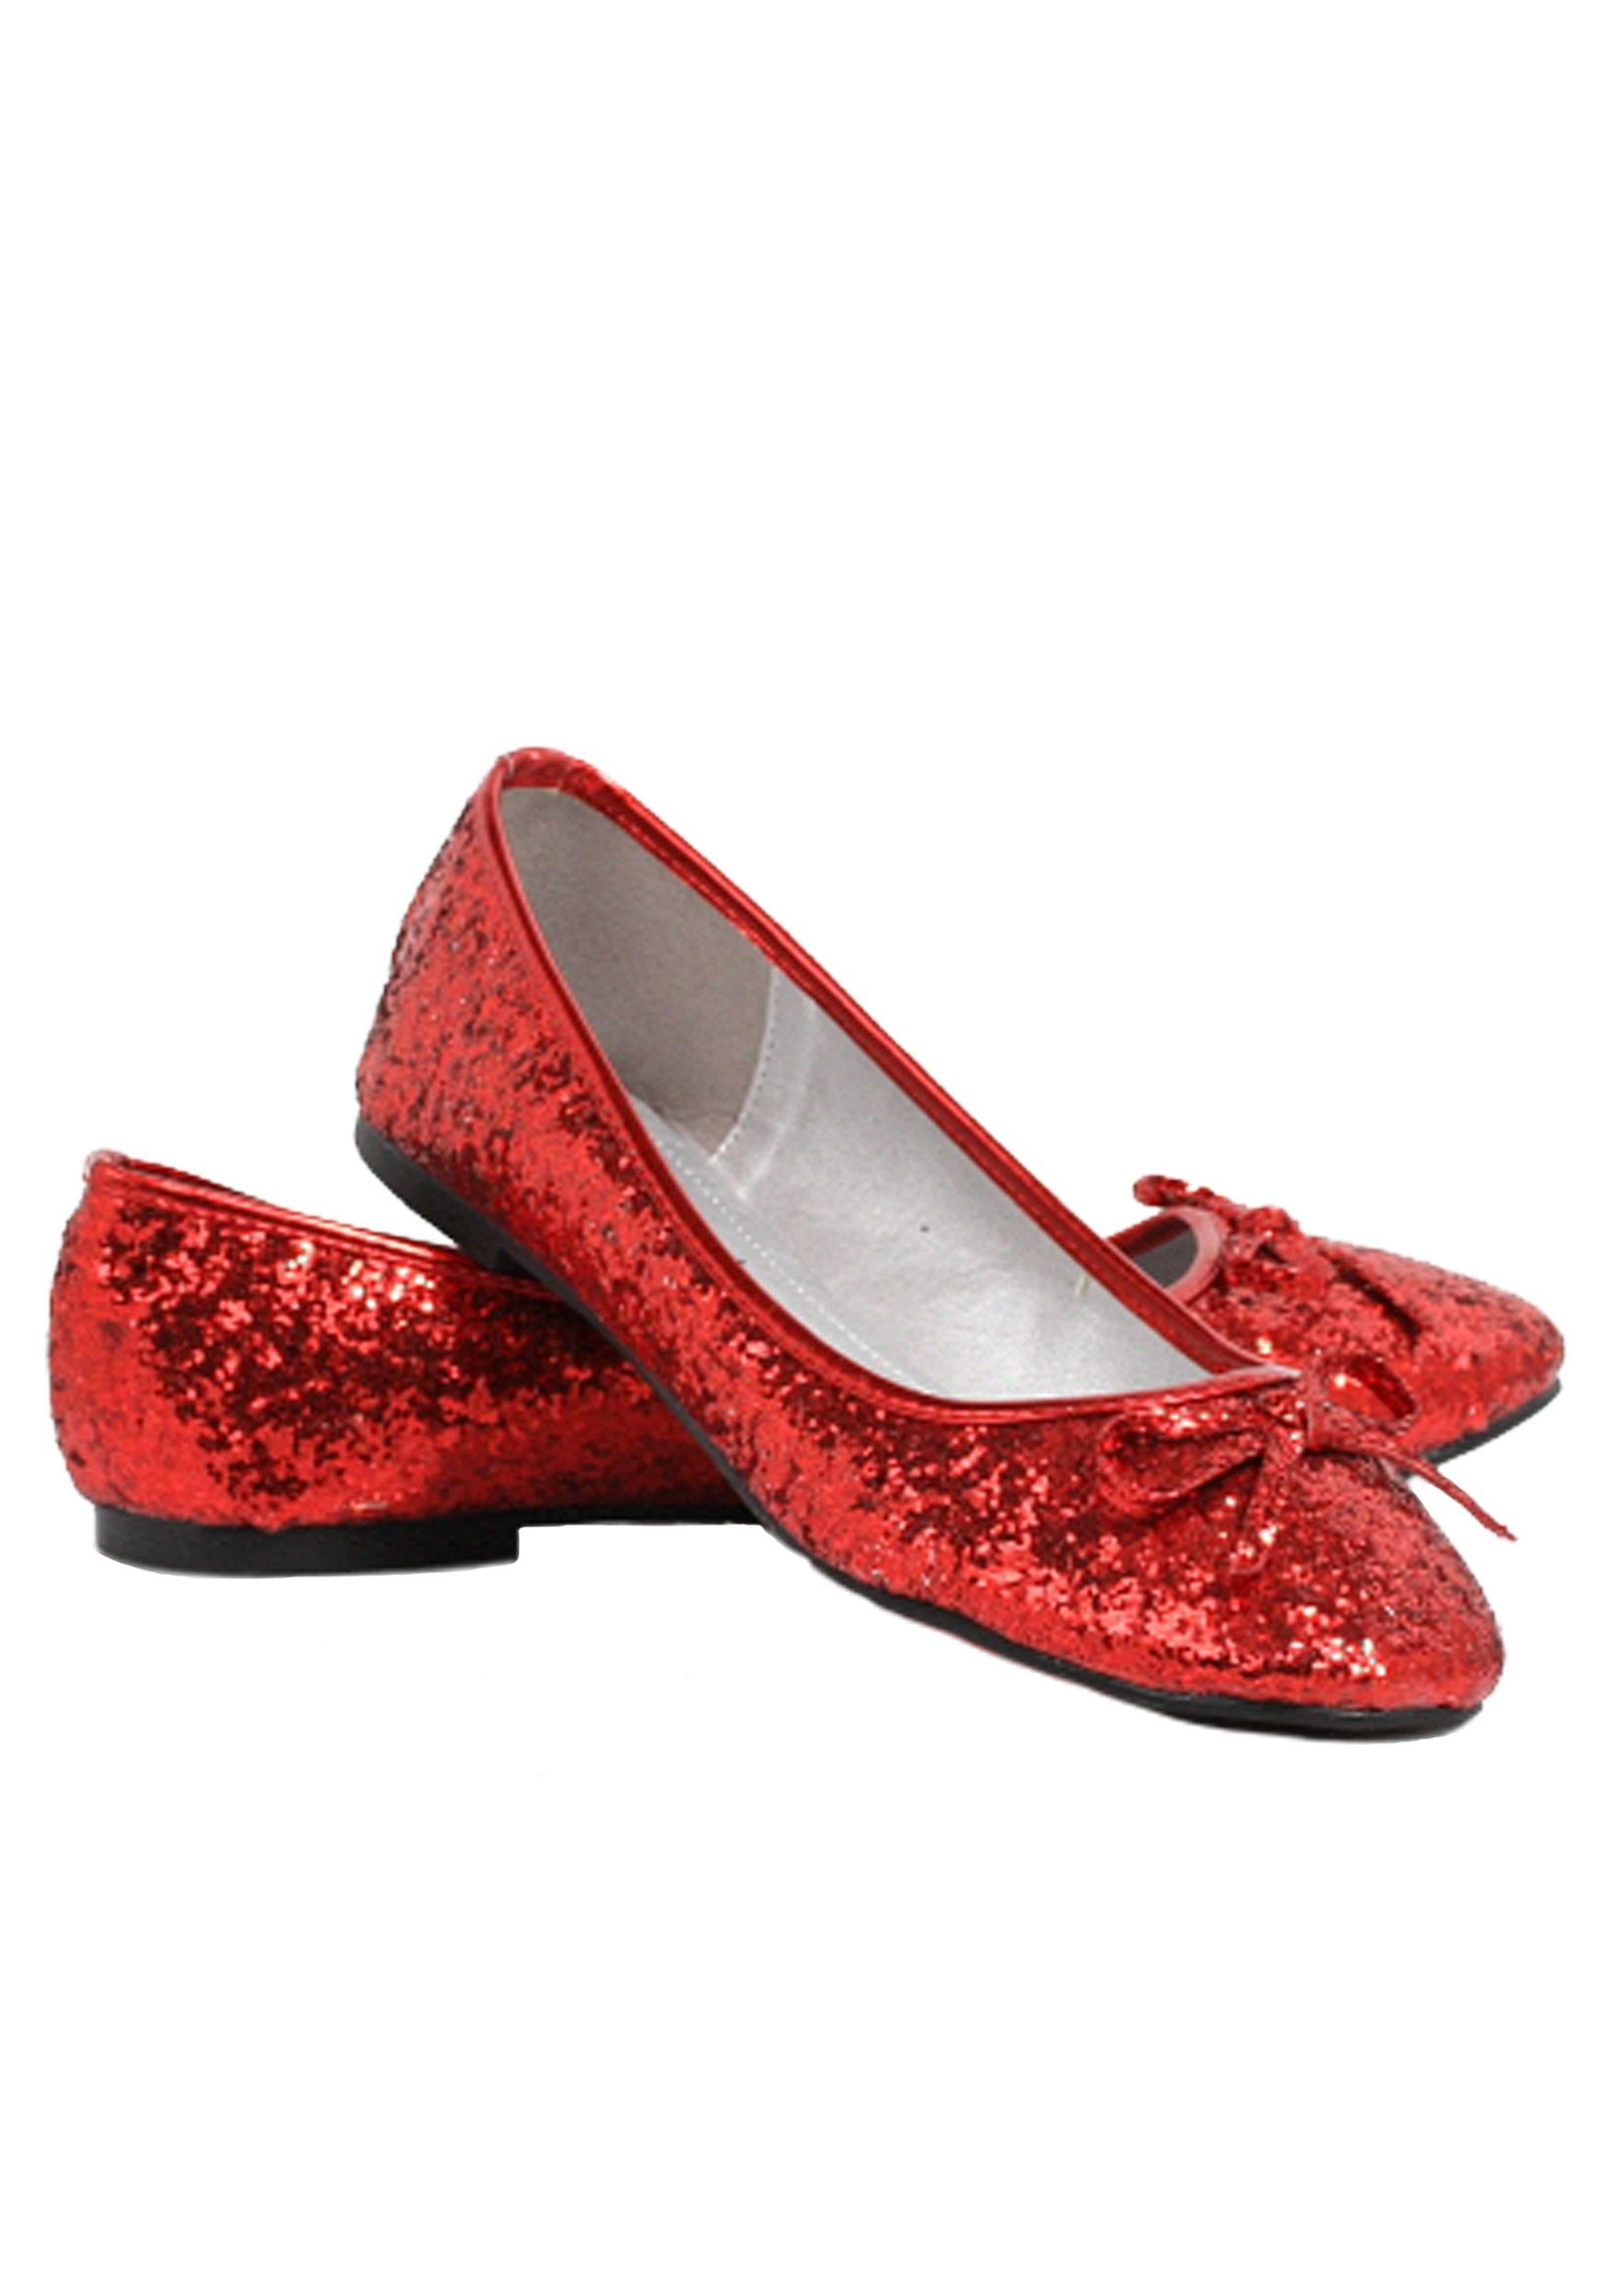 58bd1adbb332 Women s Red Glitter Flats